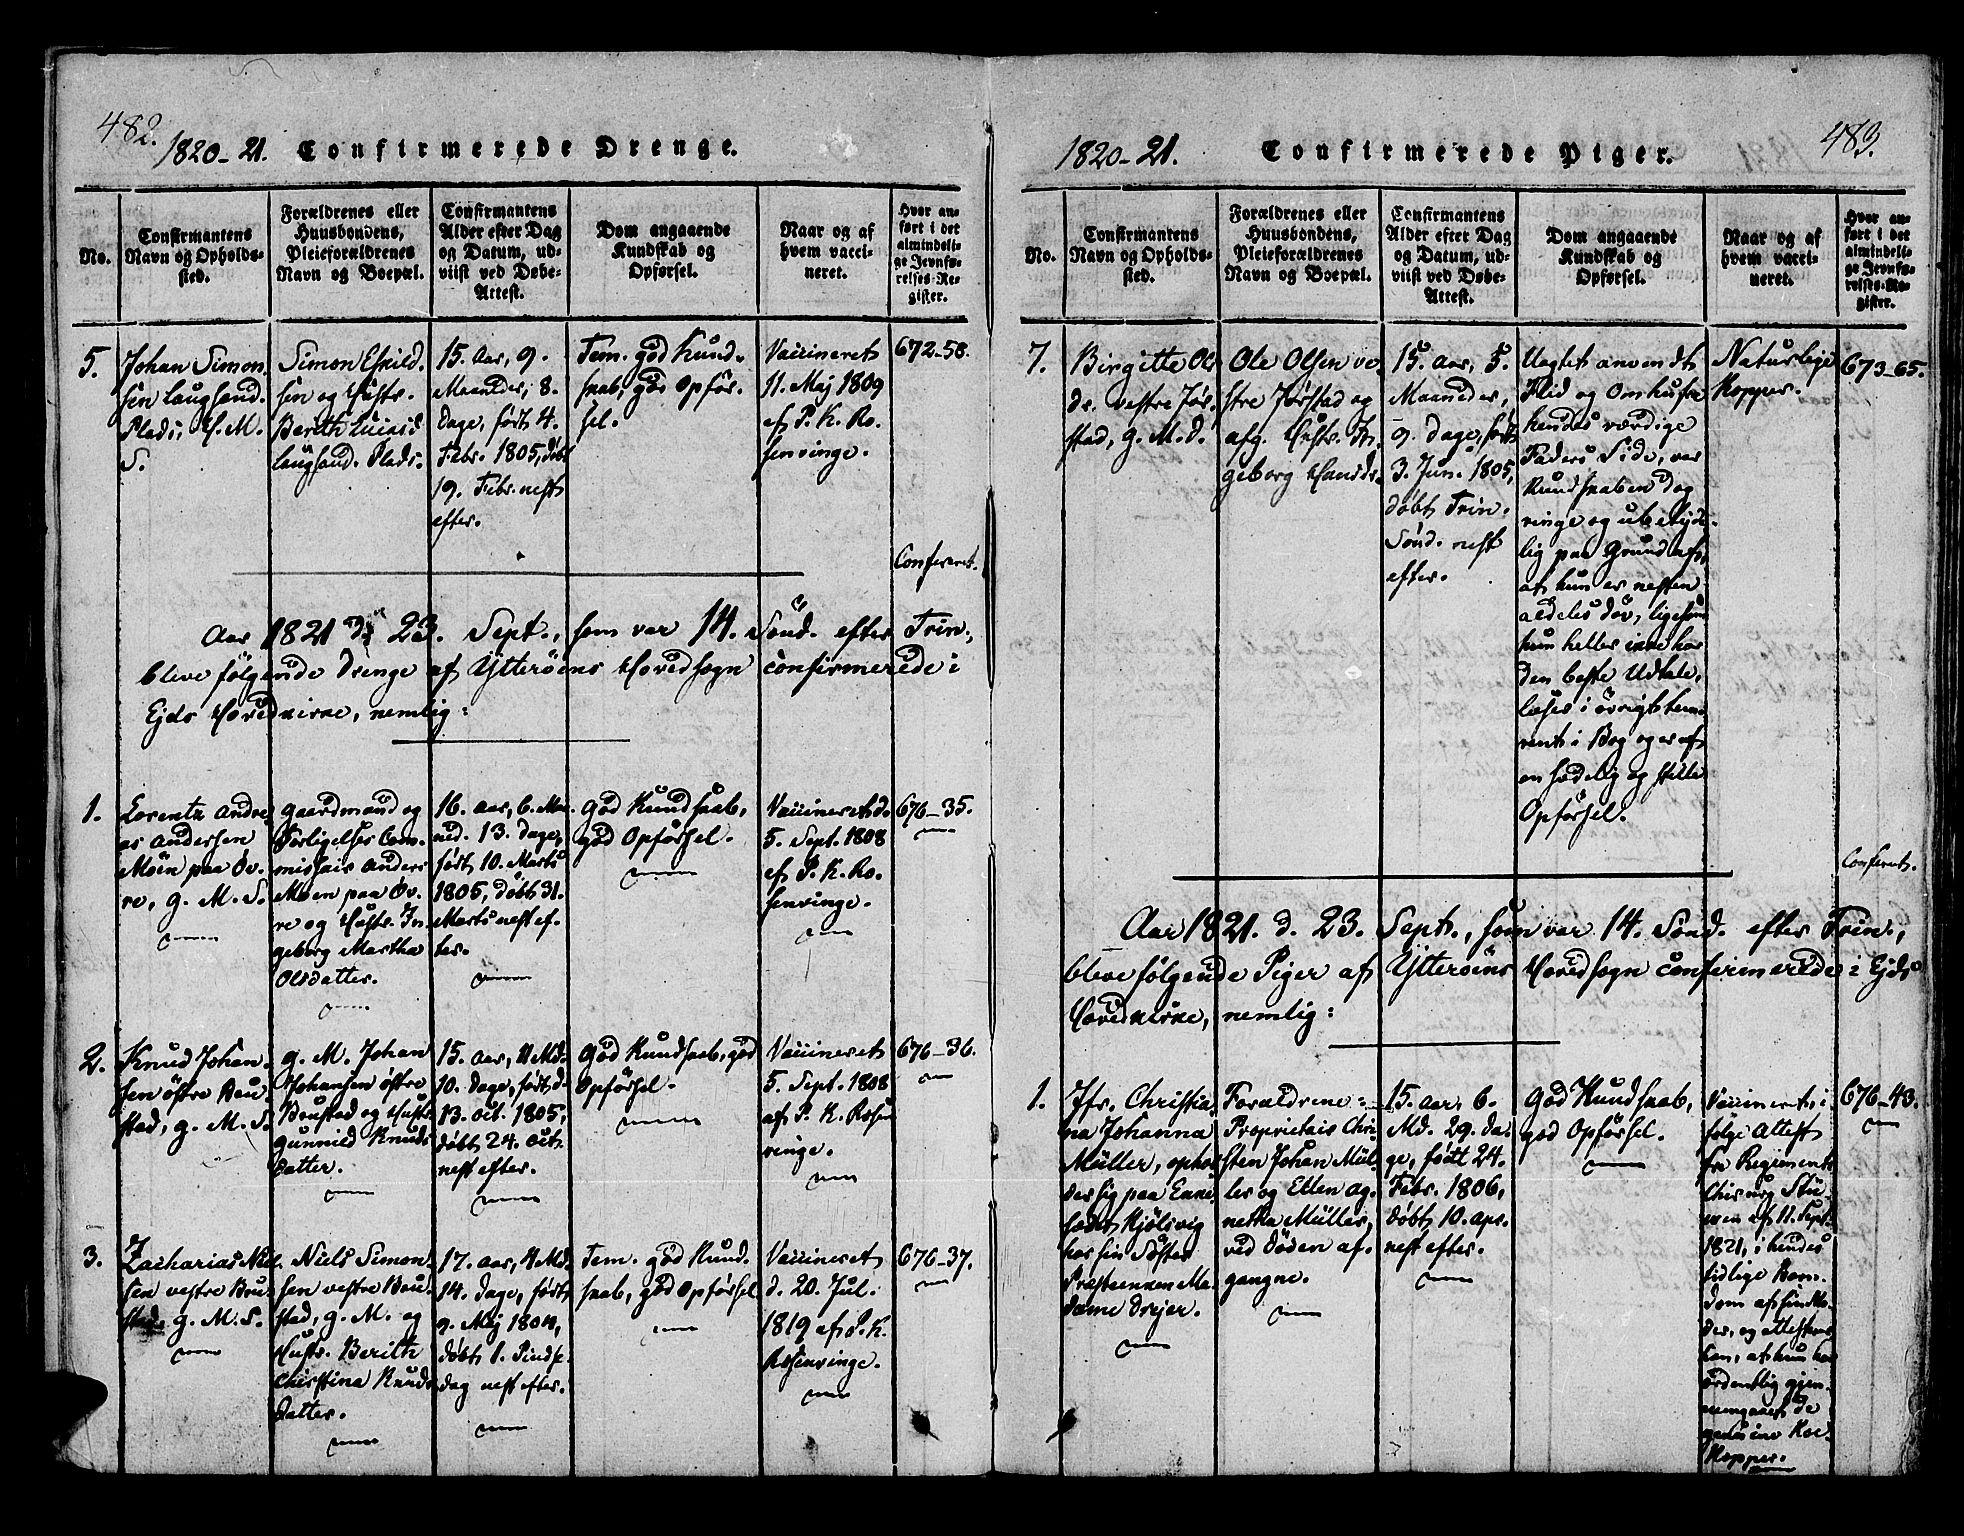 SAT, Ministerialprotokoller, klokkerbøker og fødselsregistre - Nord-Trøndelag, 722/L0217: Ministerialbok nr. 722A04, 1817-1842, s. 482-483